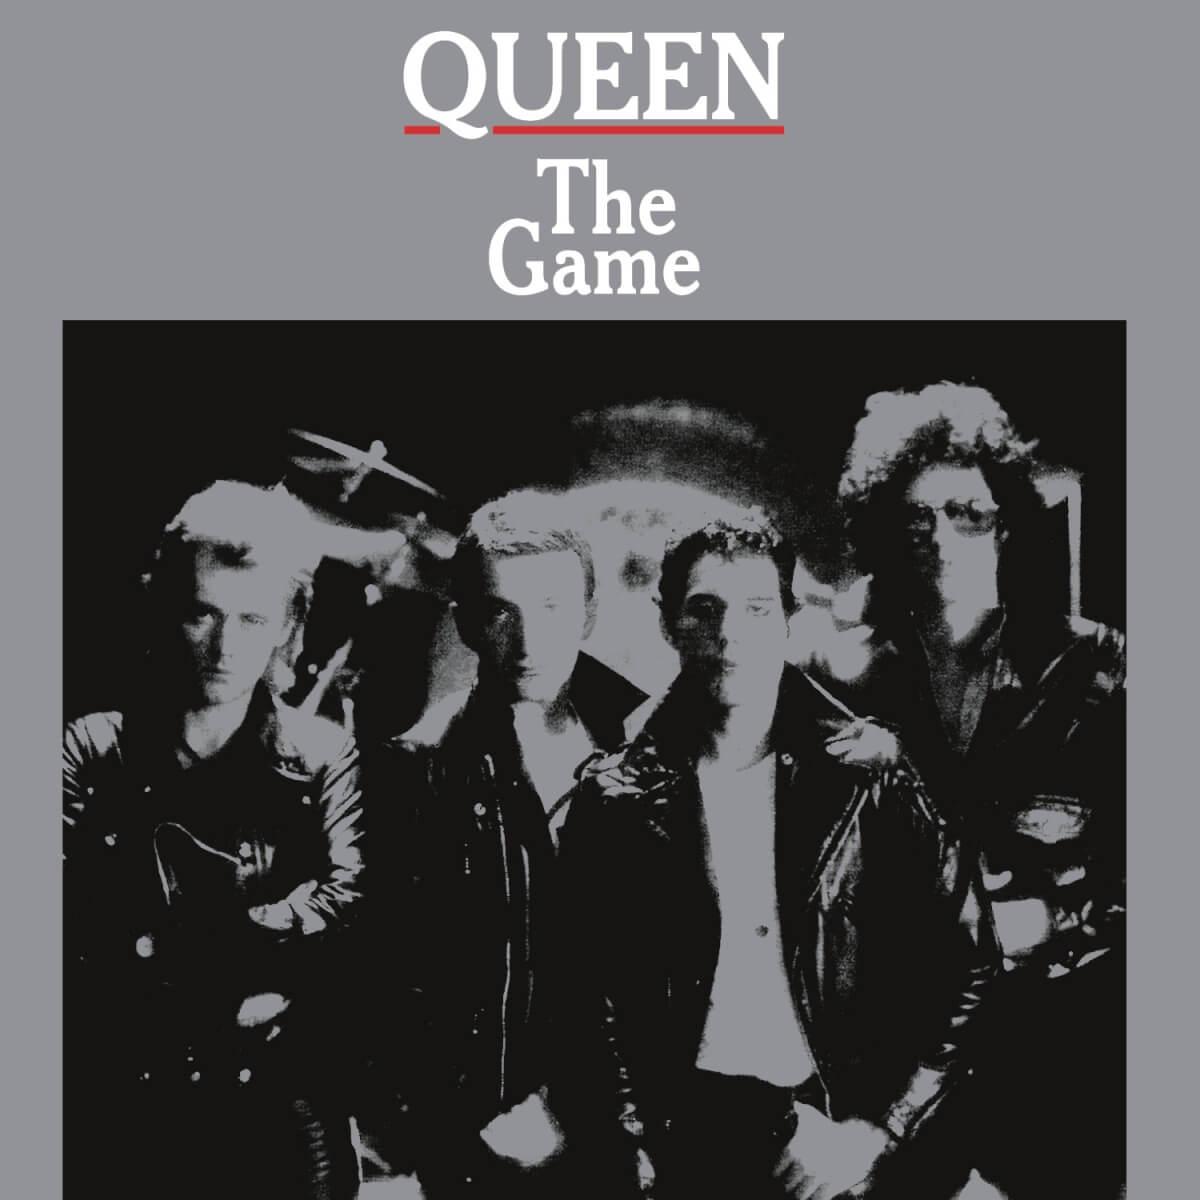 Queen - The Game|ジャケット画像